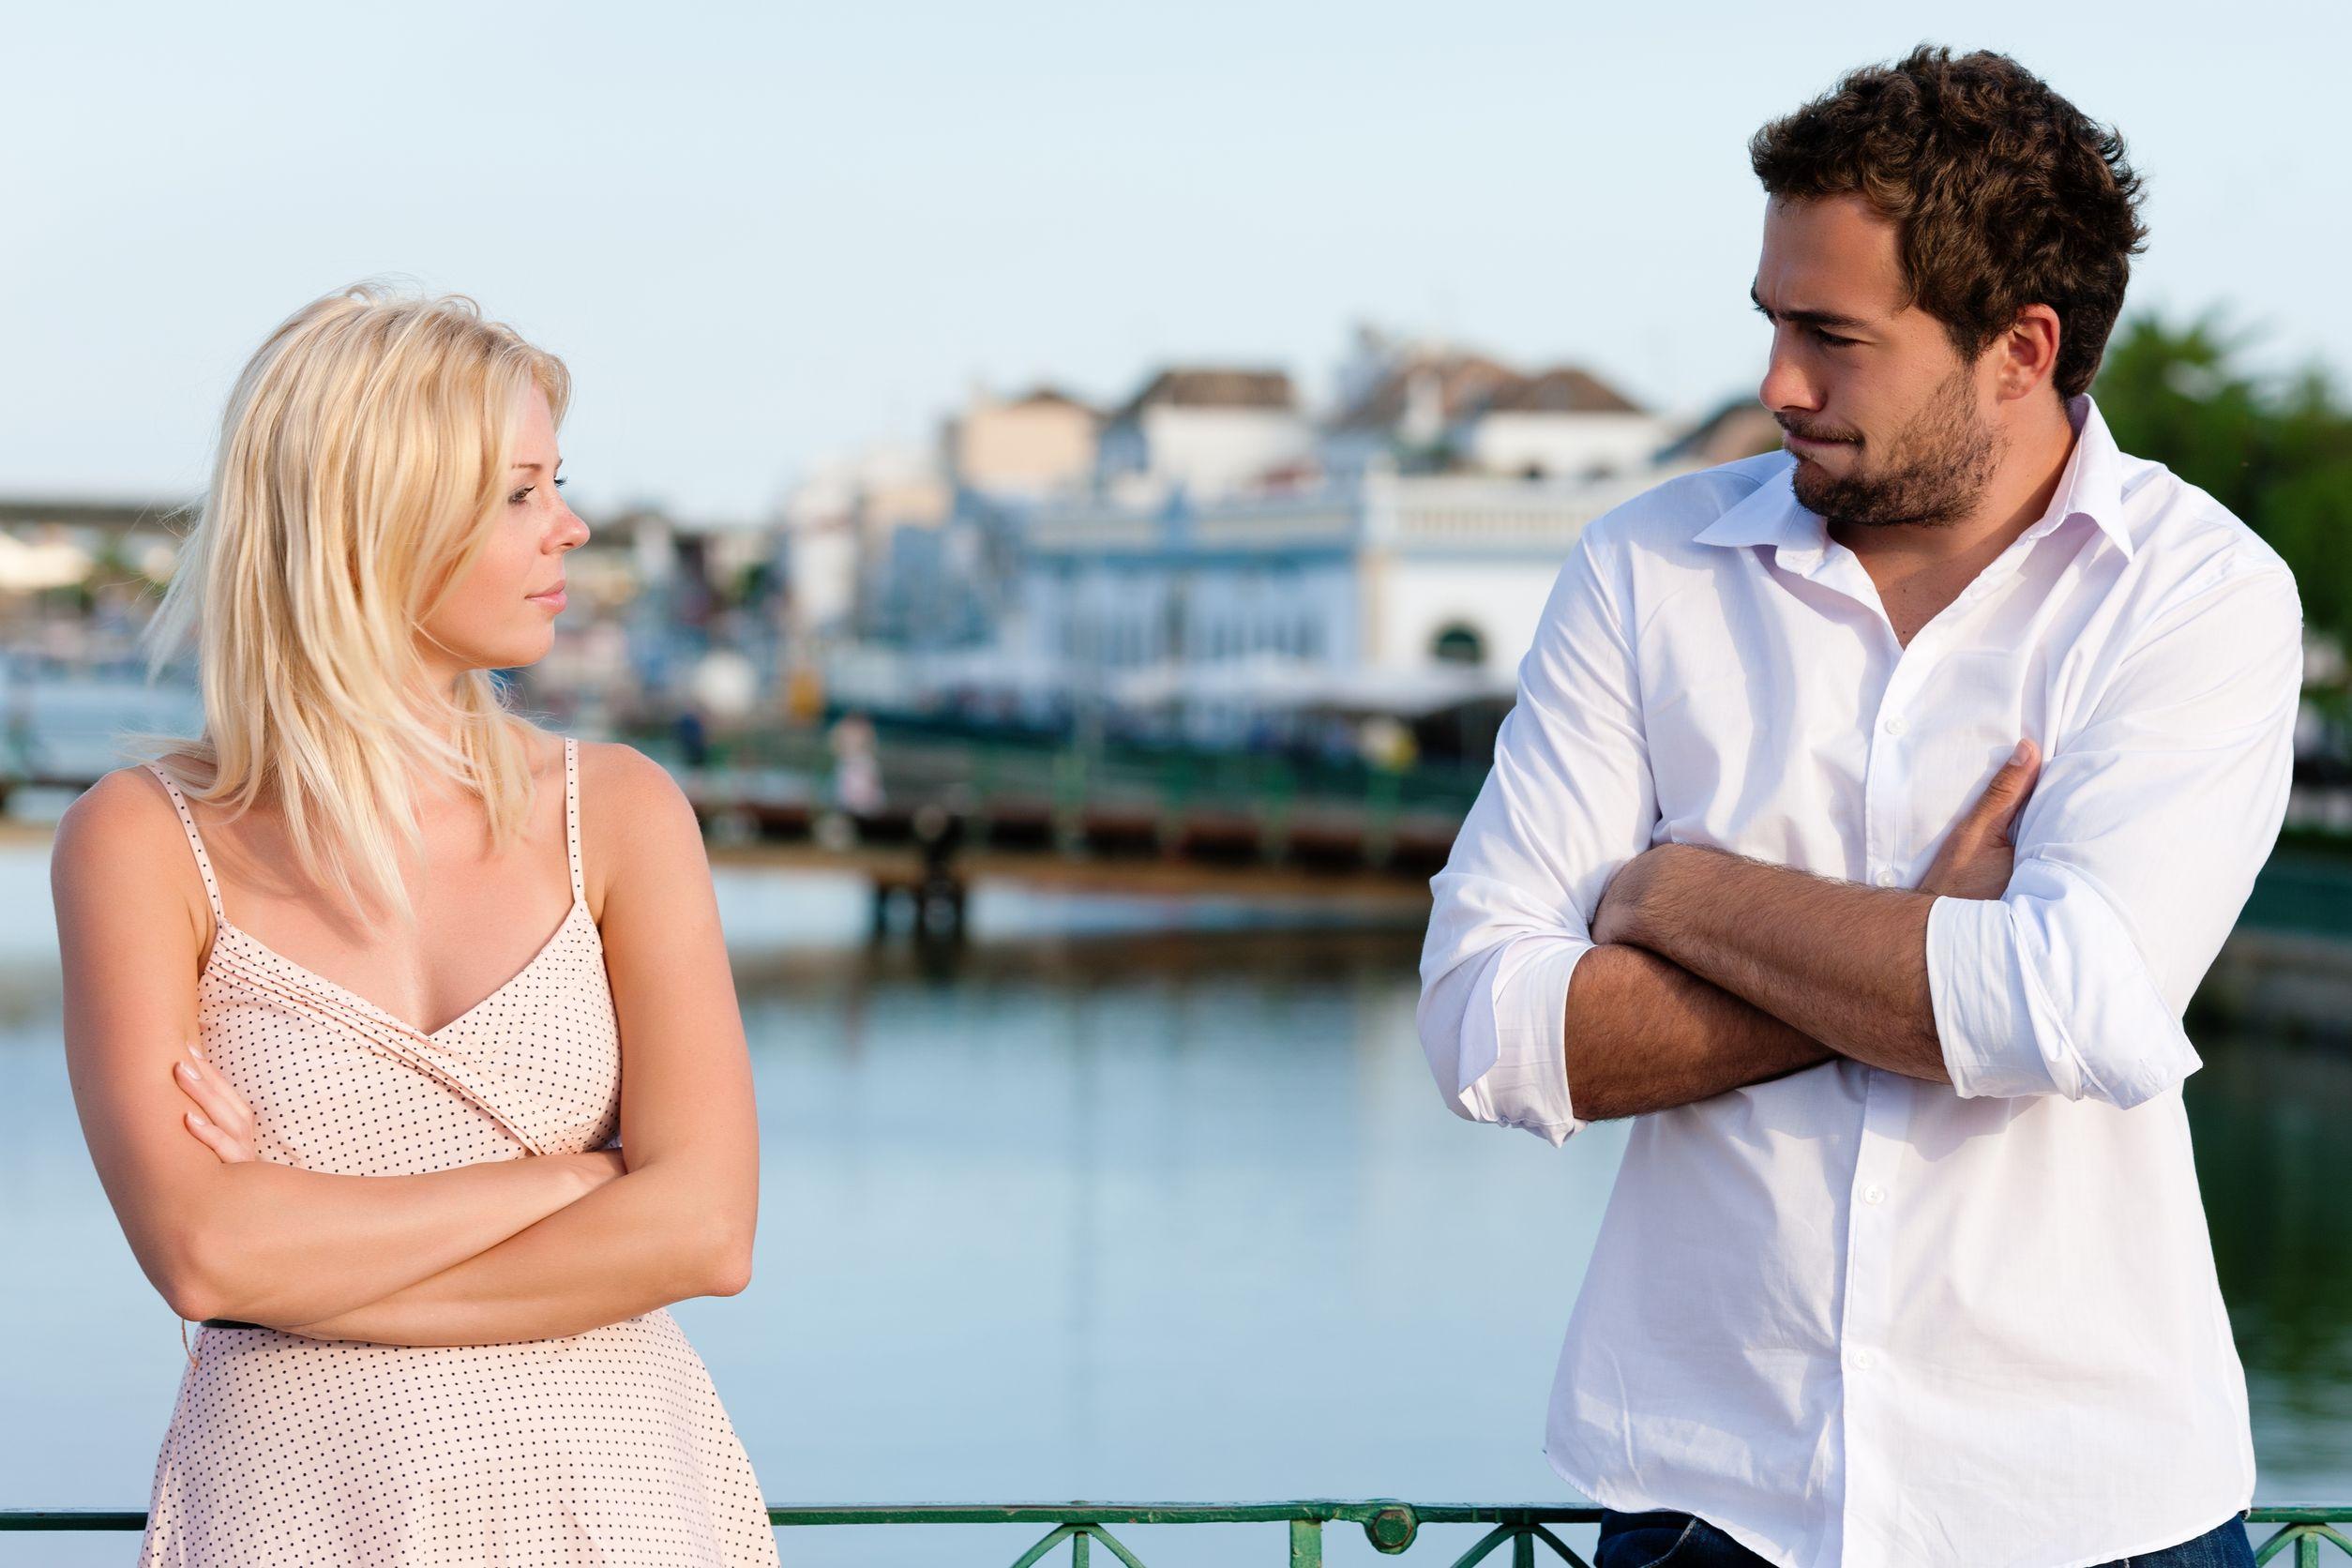 Как понять, стоит ли продолжать знакомство с мужчиной